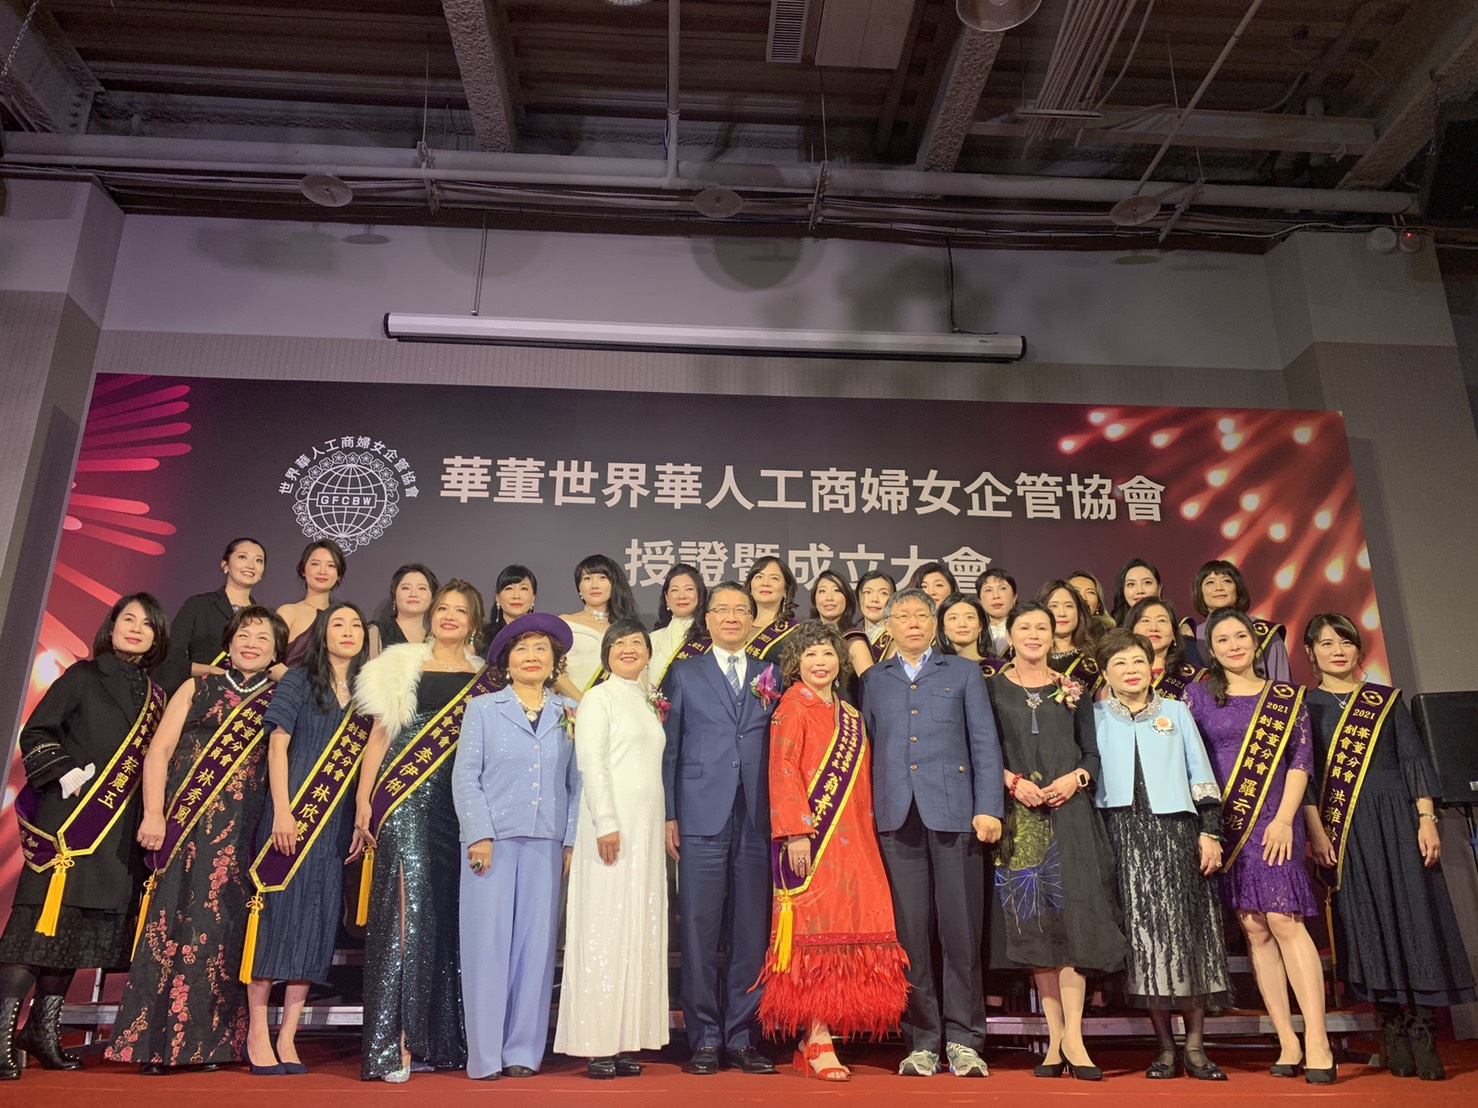 【有影】 全球第75個分會!華董世界華人工商婦女企管協會成立 女力大爆發